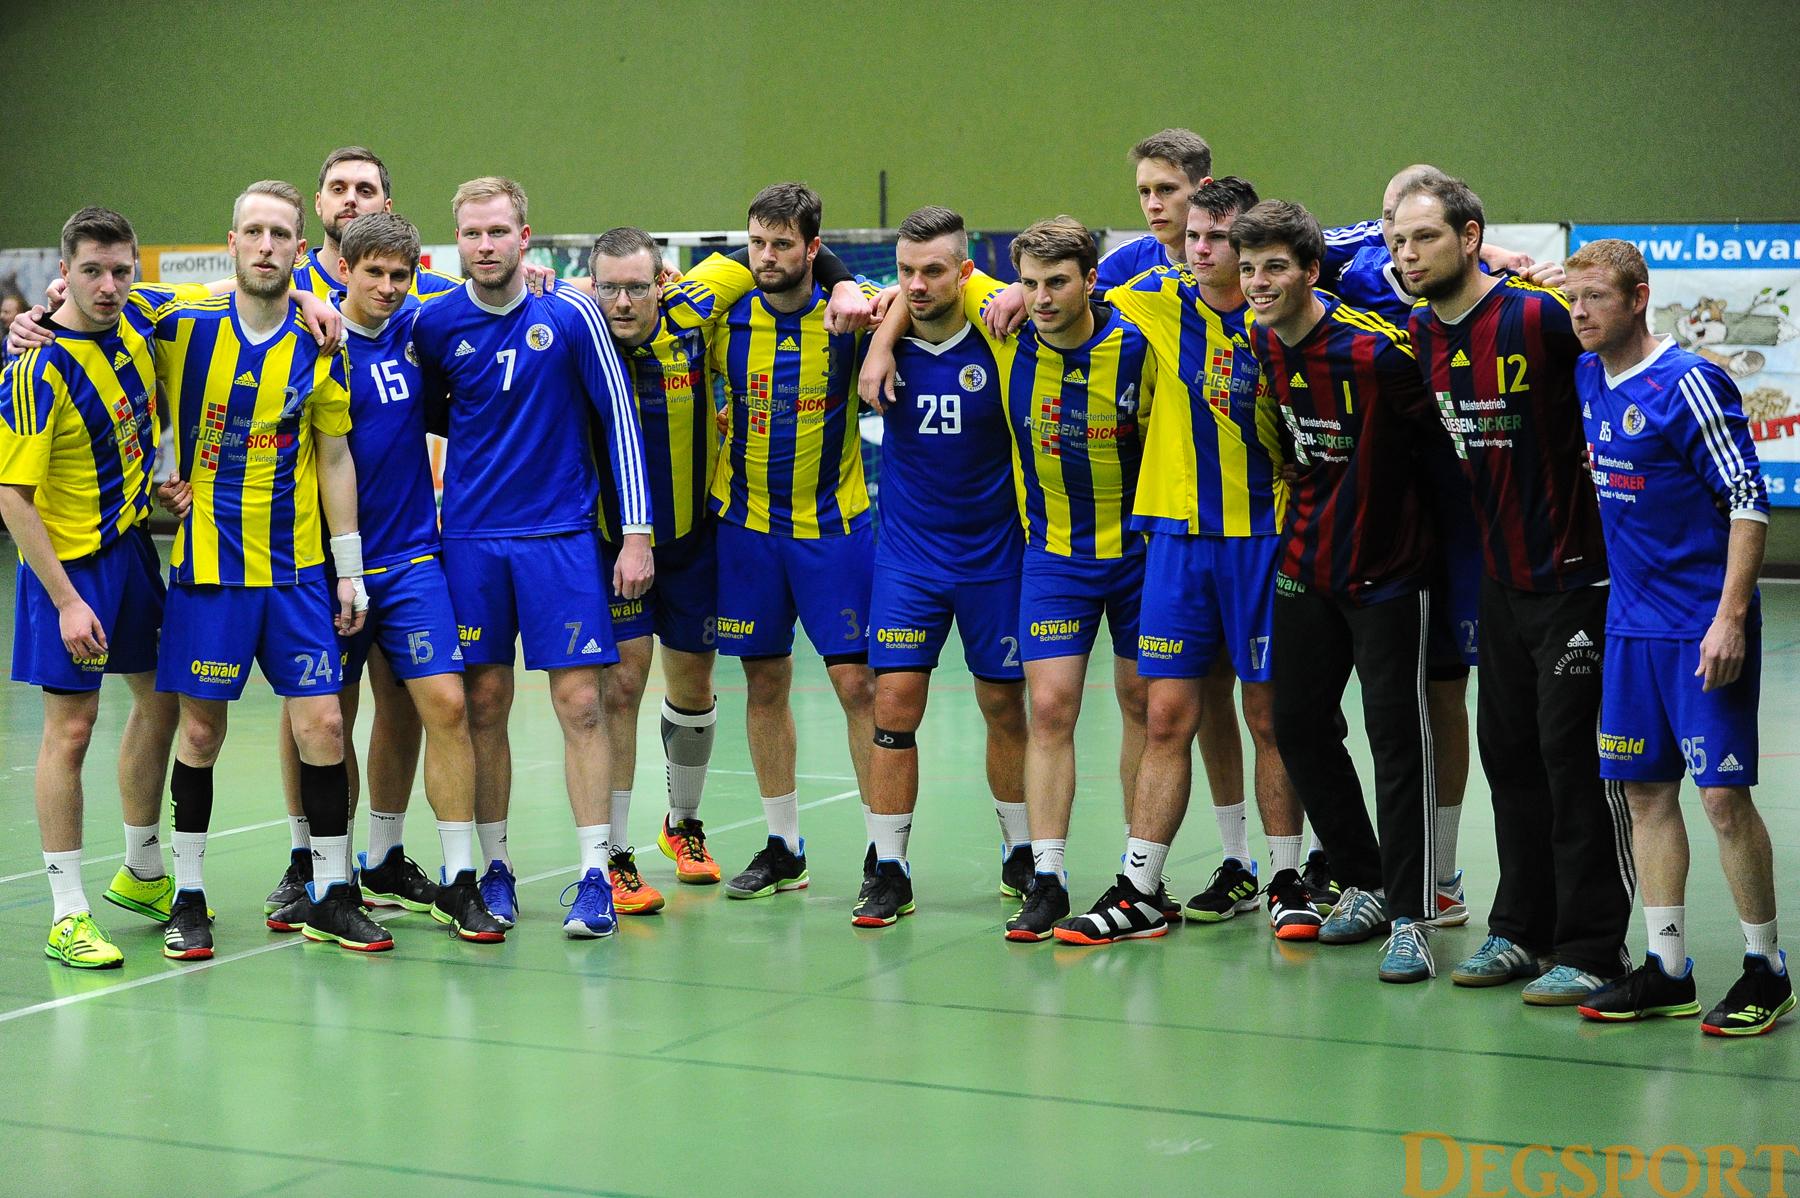 Unbegrenztes Handballvergnügen beim Saisonauftakt in Metten